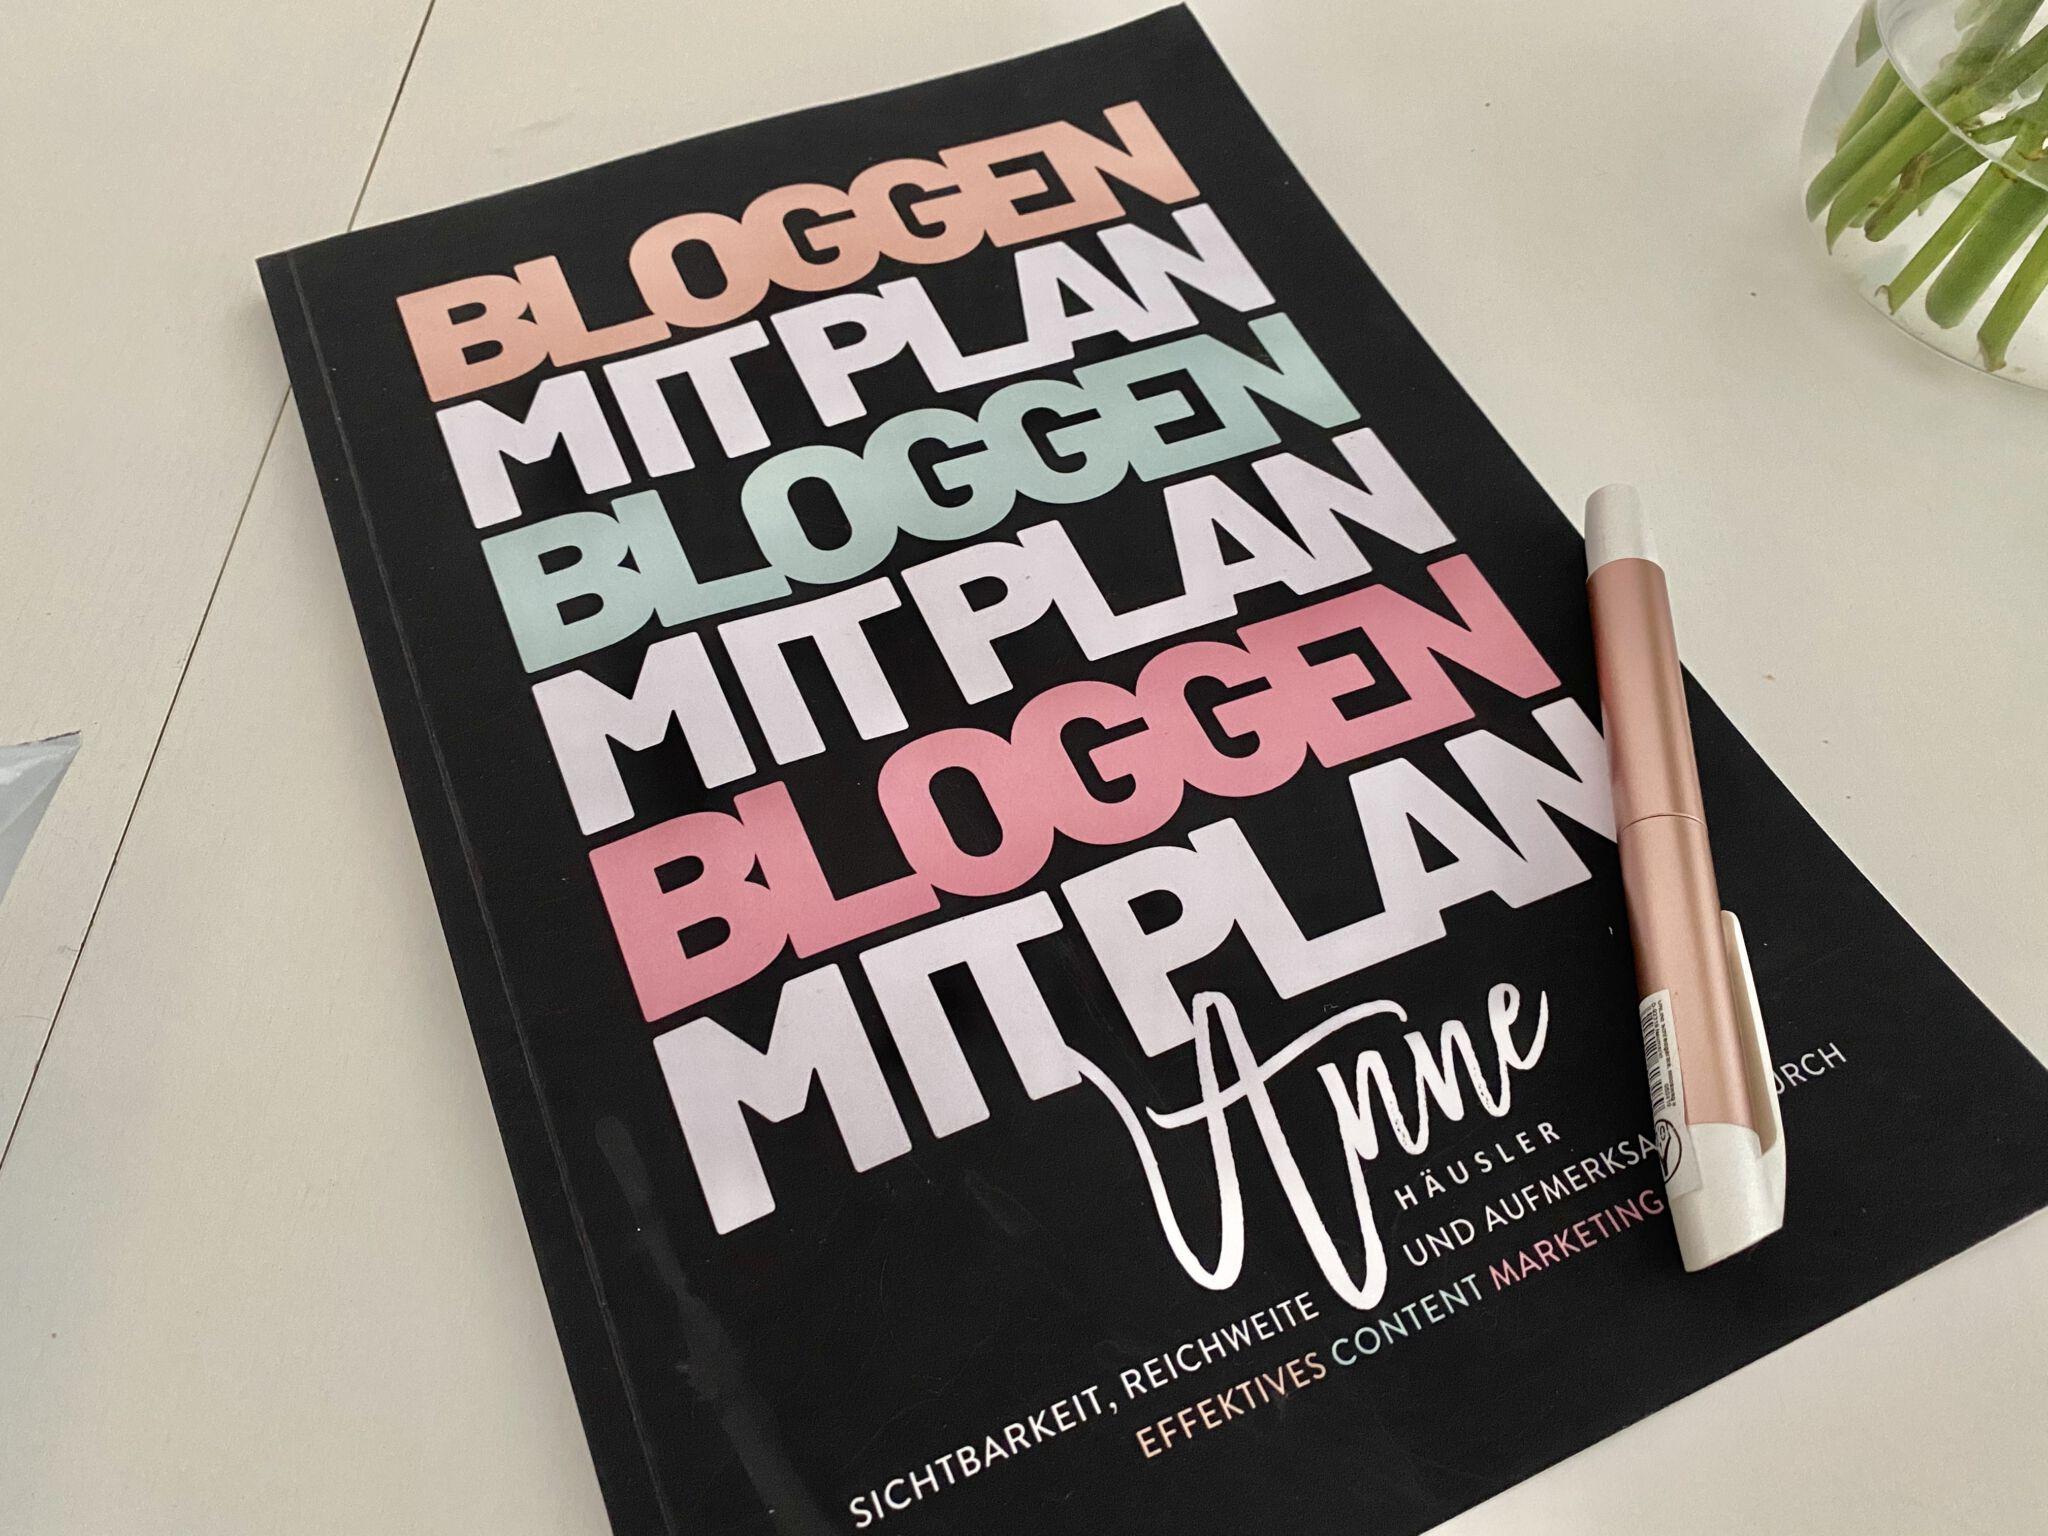 Bloggen mit Plan , Geld verdienen mit Boggen